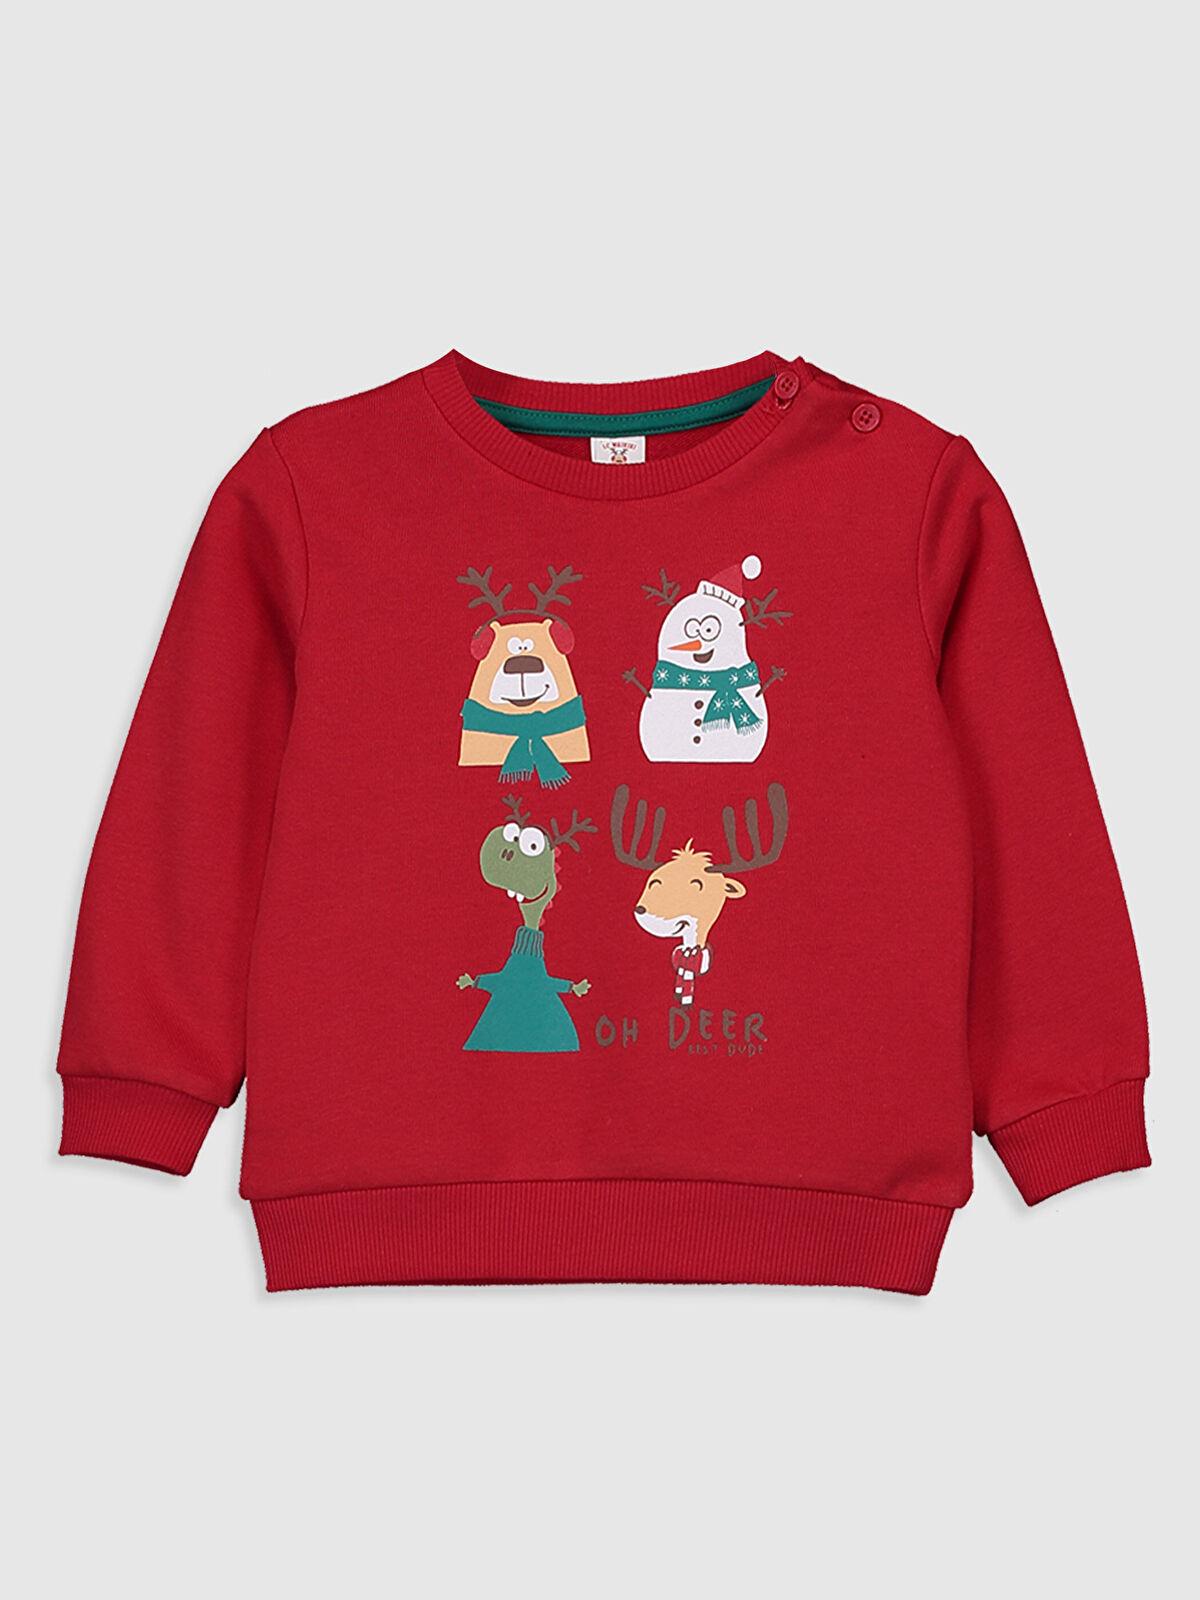 Erkek Bebek Yılbaşı Temalı Sweatshirt - LC WAIKIKI